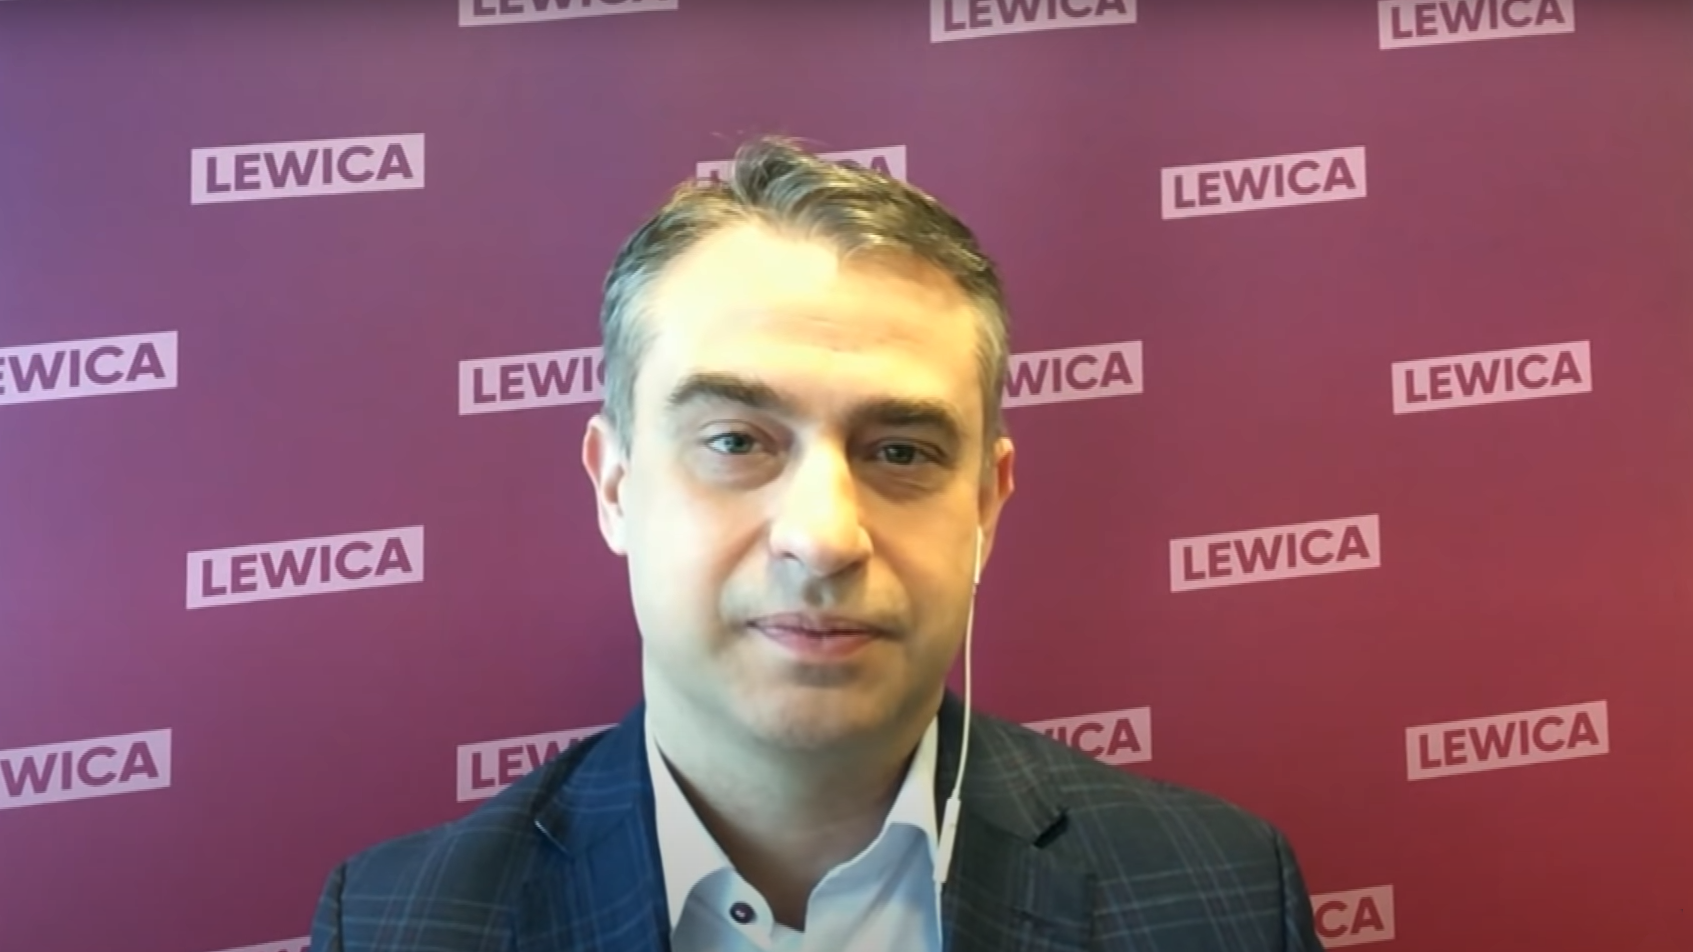 """Gawkowski: """"Polska musi pomagać, bo jako naród też często taką pomoc otrzymywaliśmy"""""""